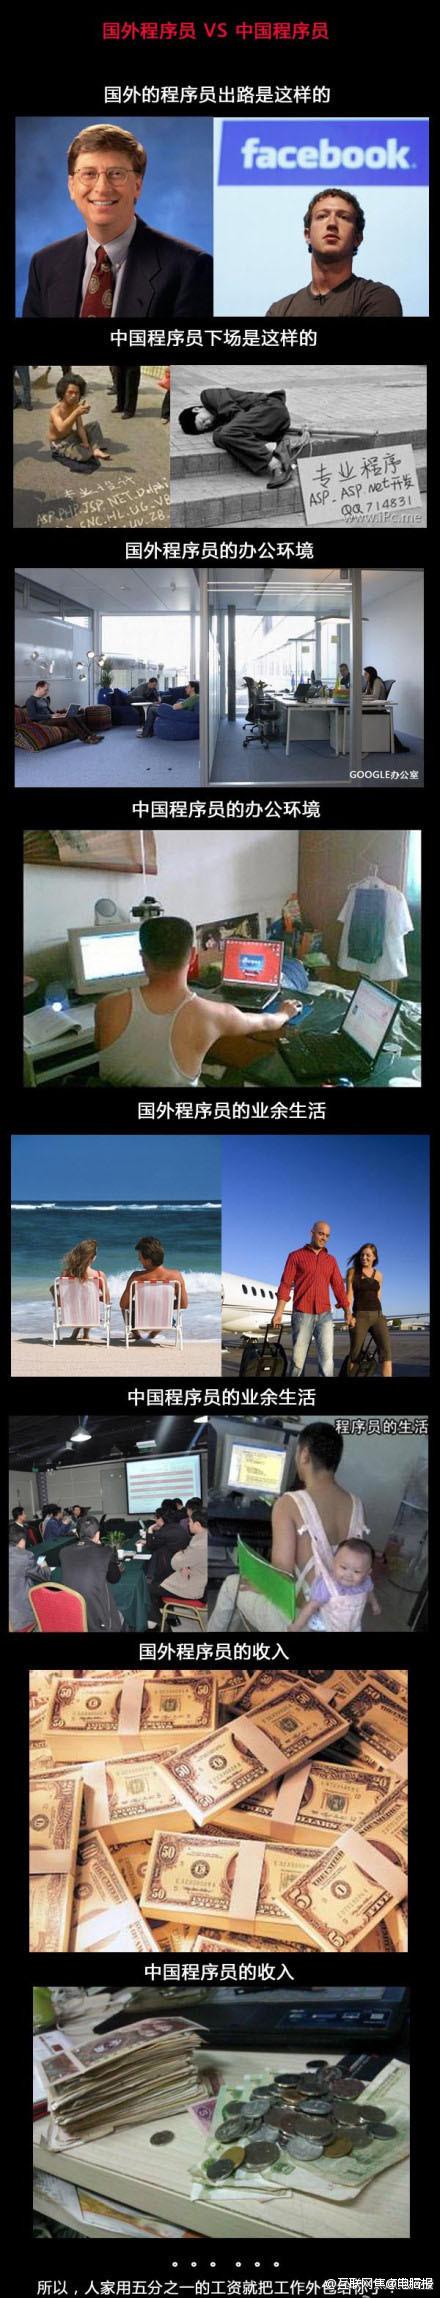 漫画:中国程序员 VS 外国程序员